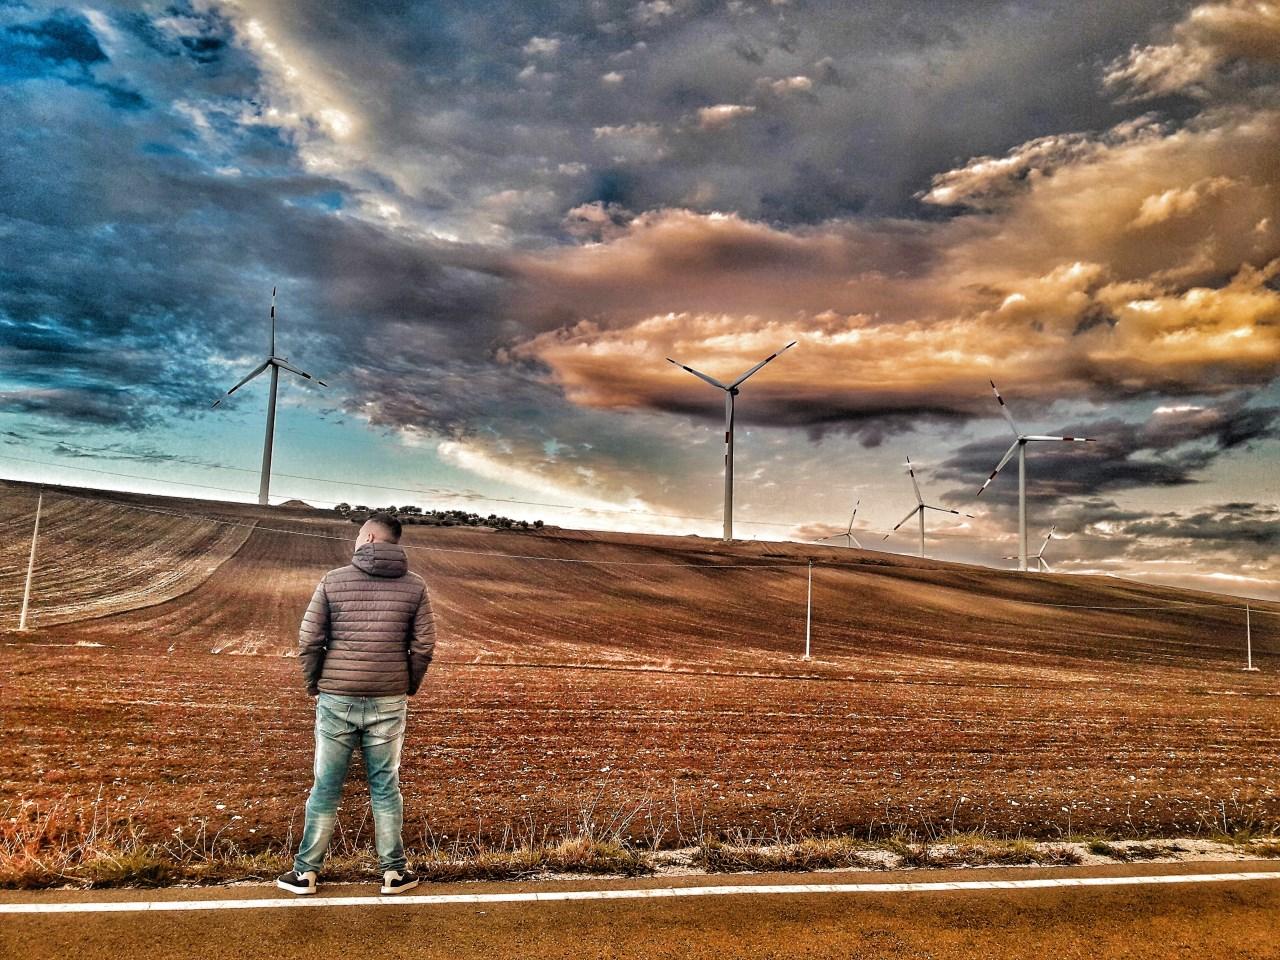 La bellezza del vento. Eolico e paesaggio secondo fotografi e videomaker